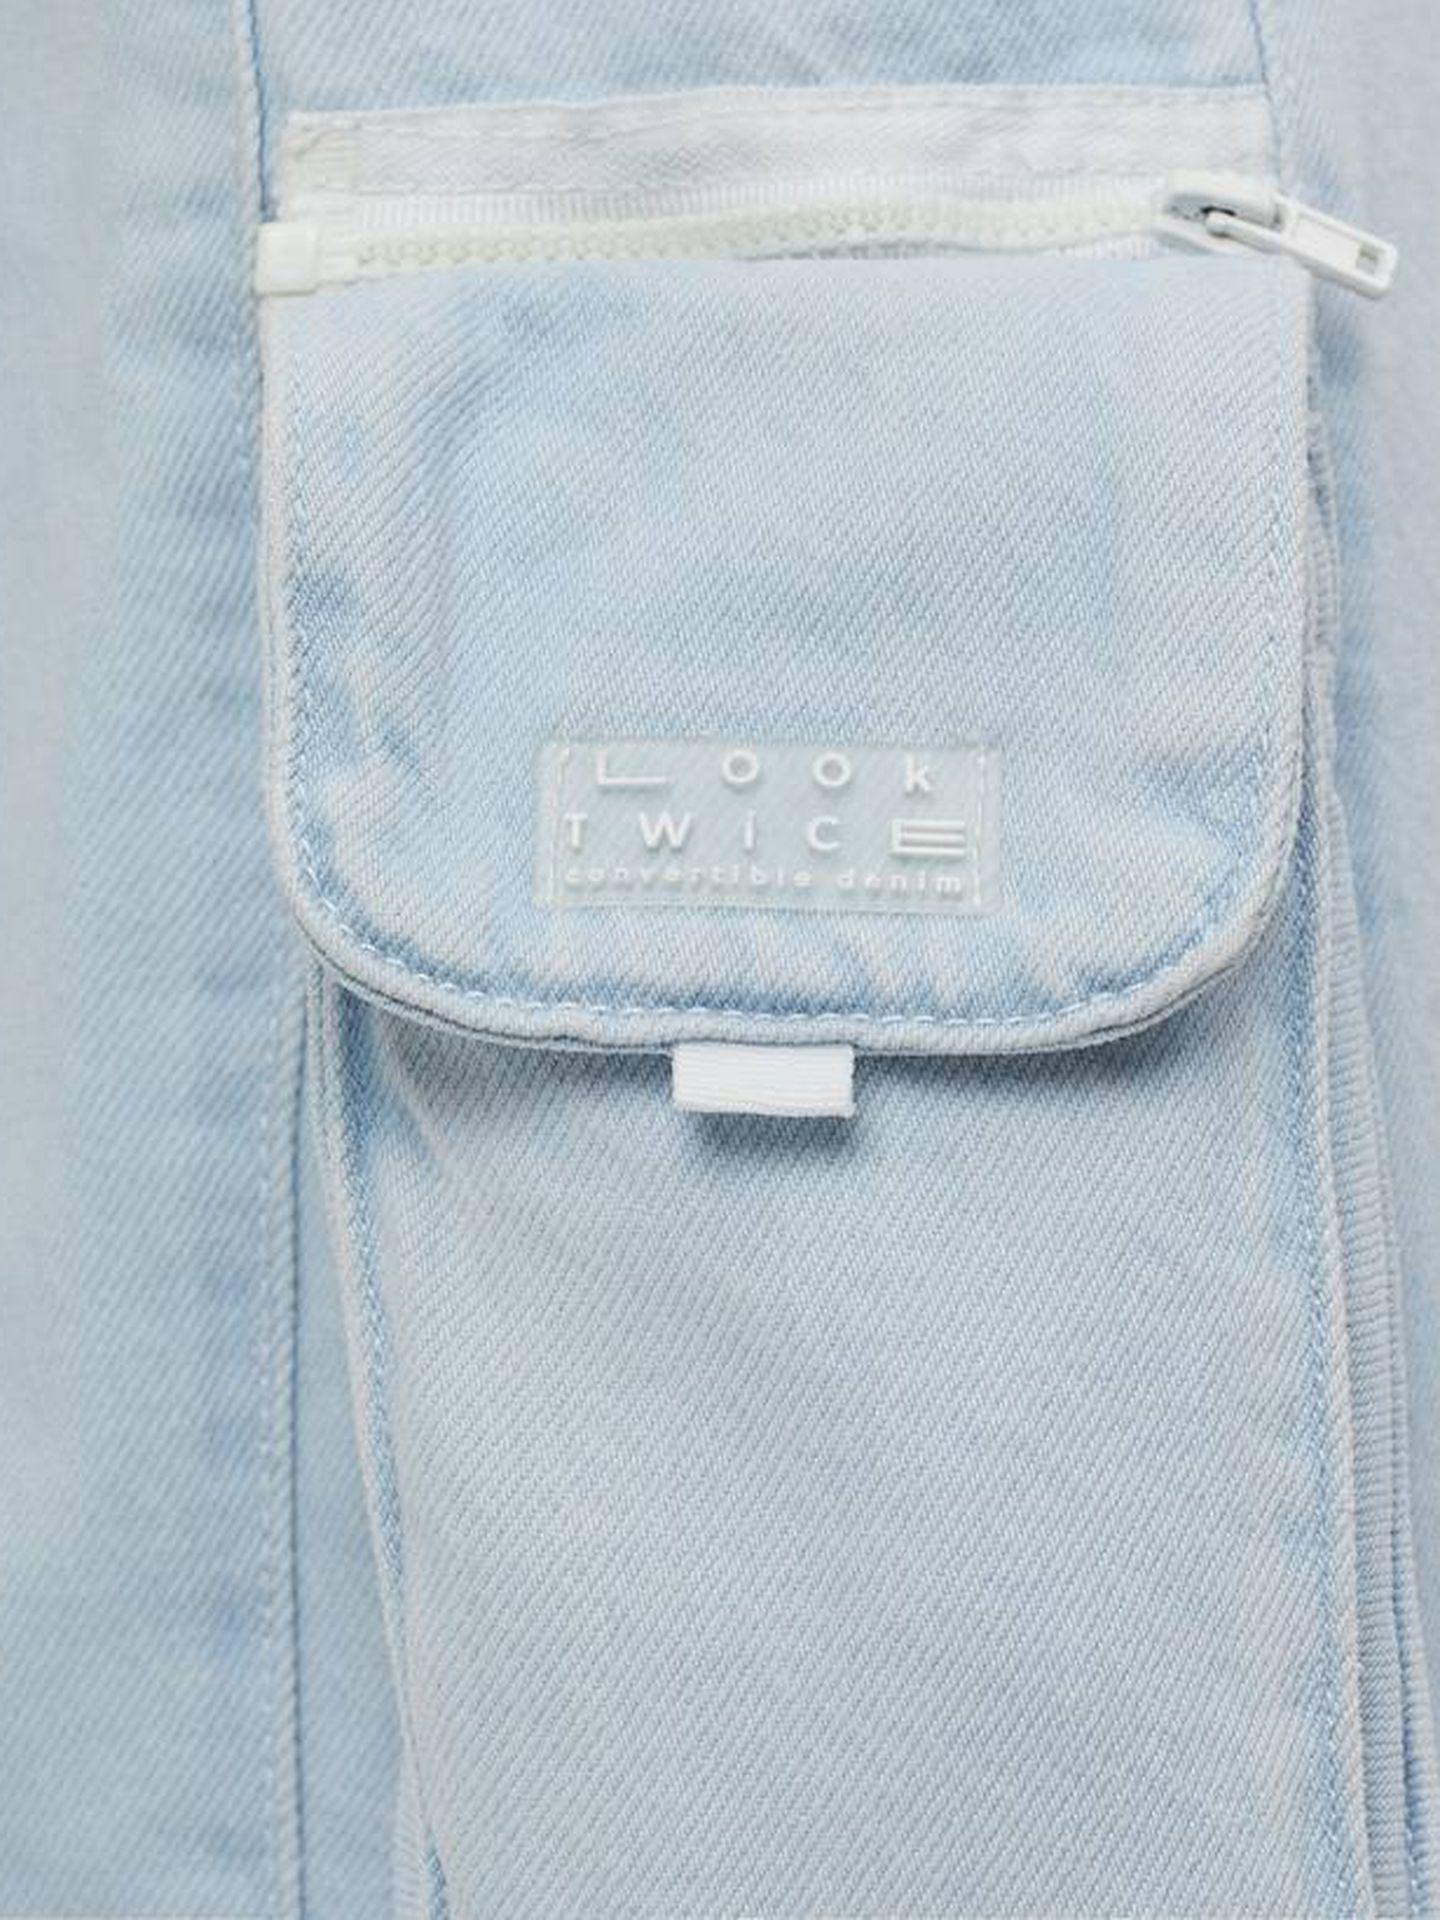 El bolso de que incluye el pantalón de Bershka. (Cortesía)